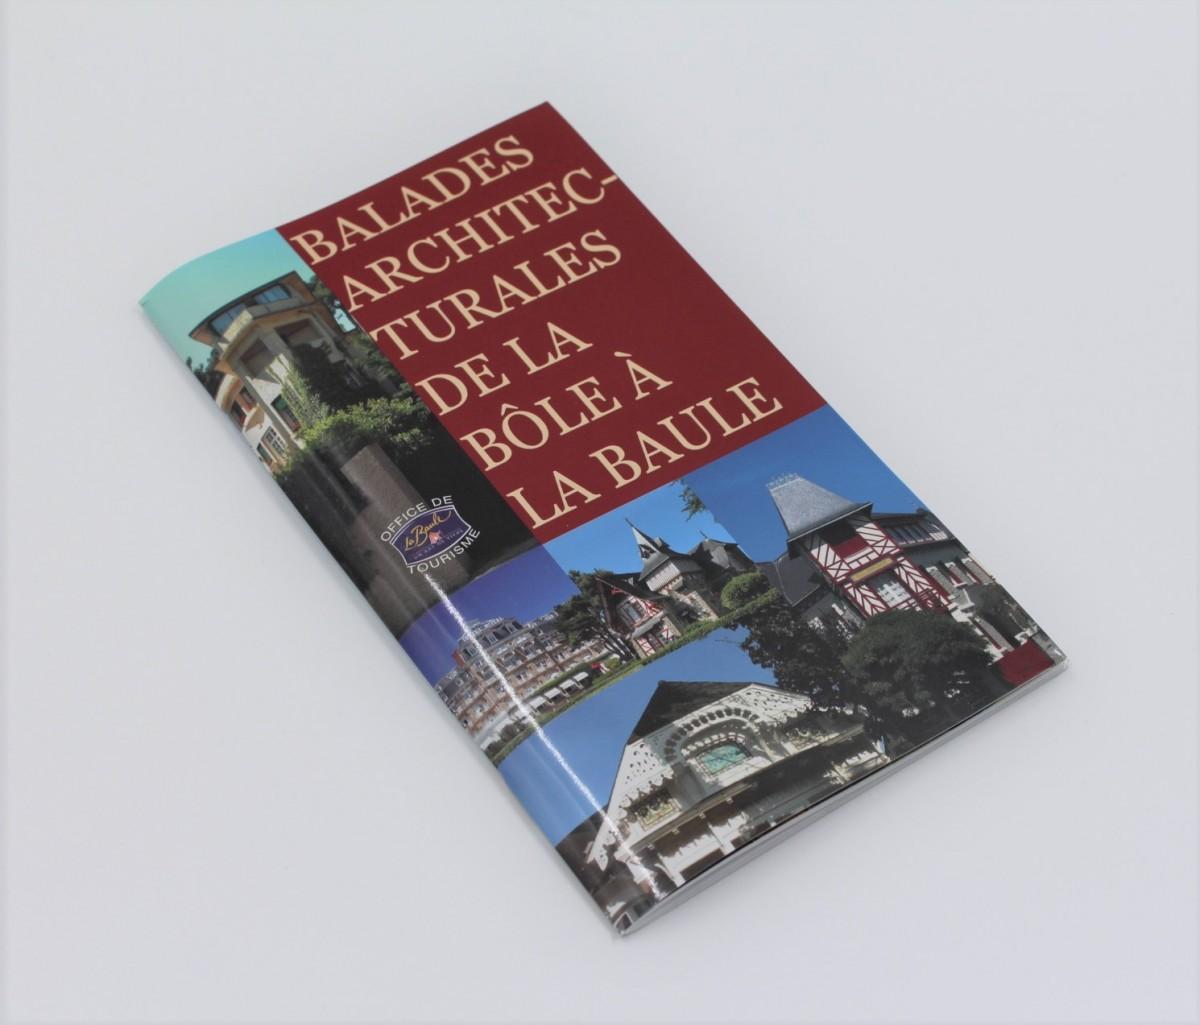 Boutique en ligne - Balades Architecturales de la Bôle à La Baule - Office de tourisme La Baule Presqu'île de Guérande